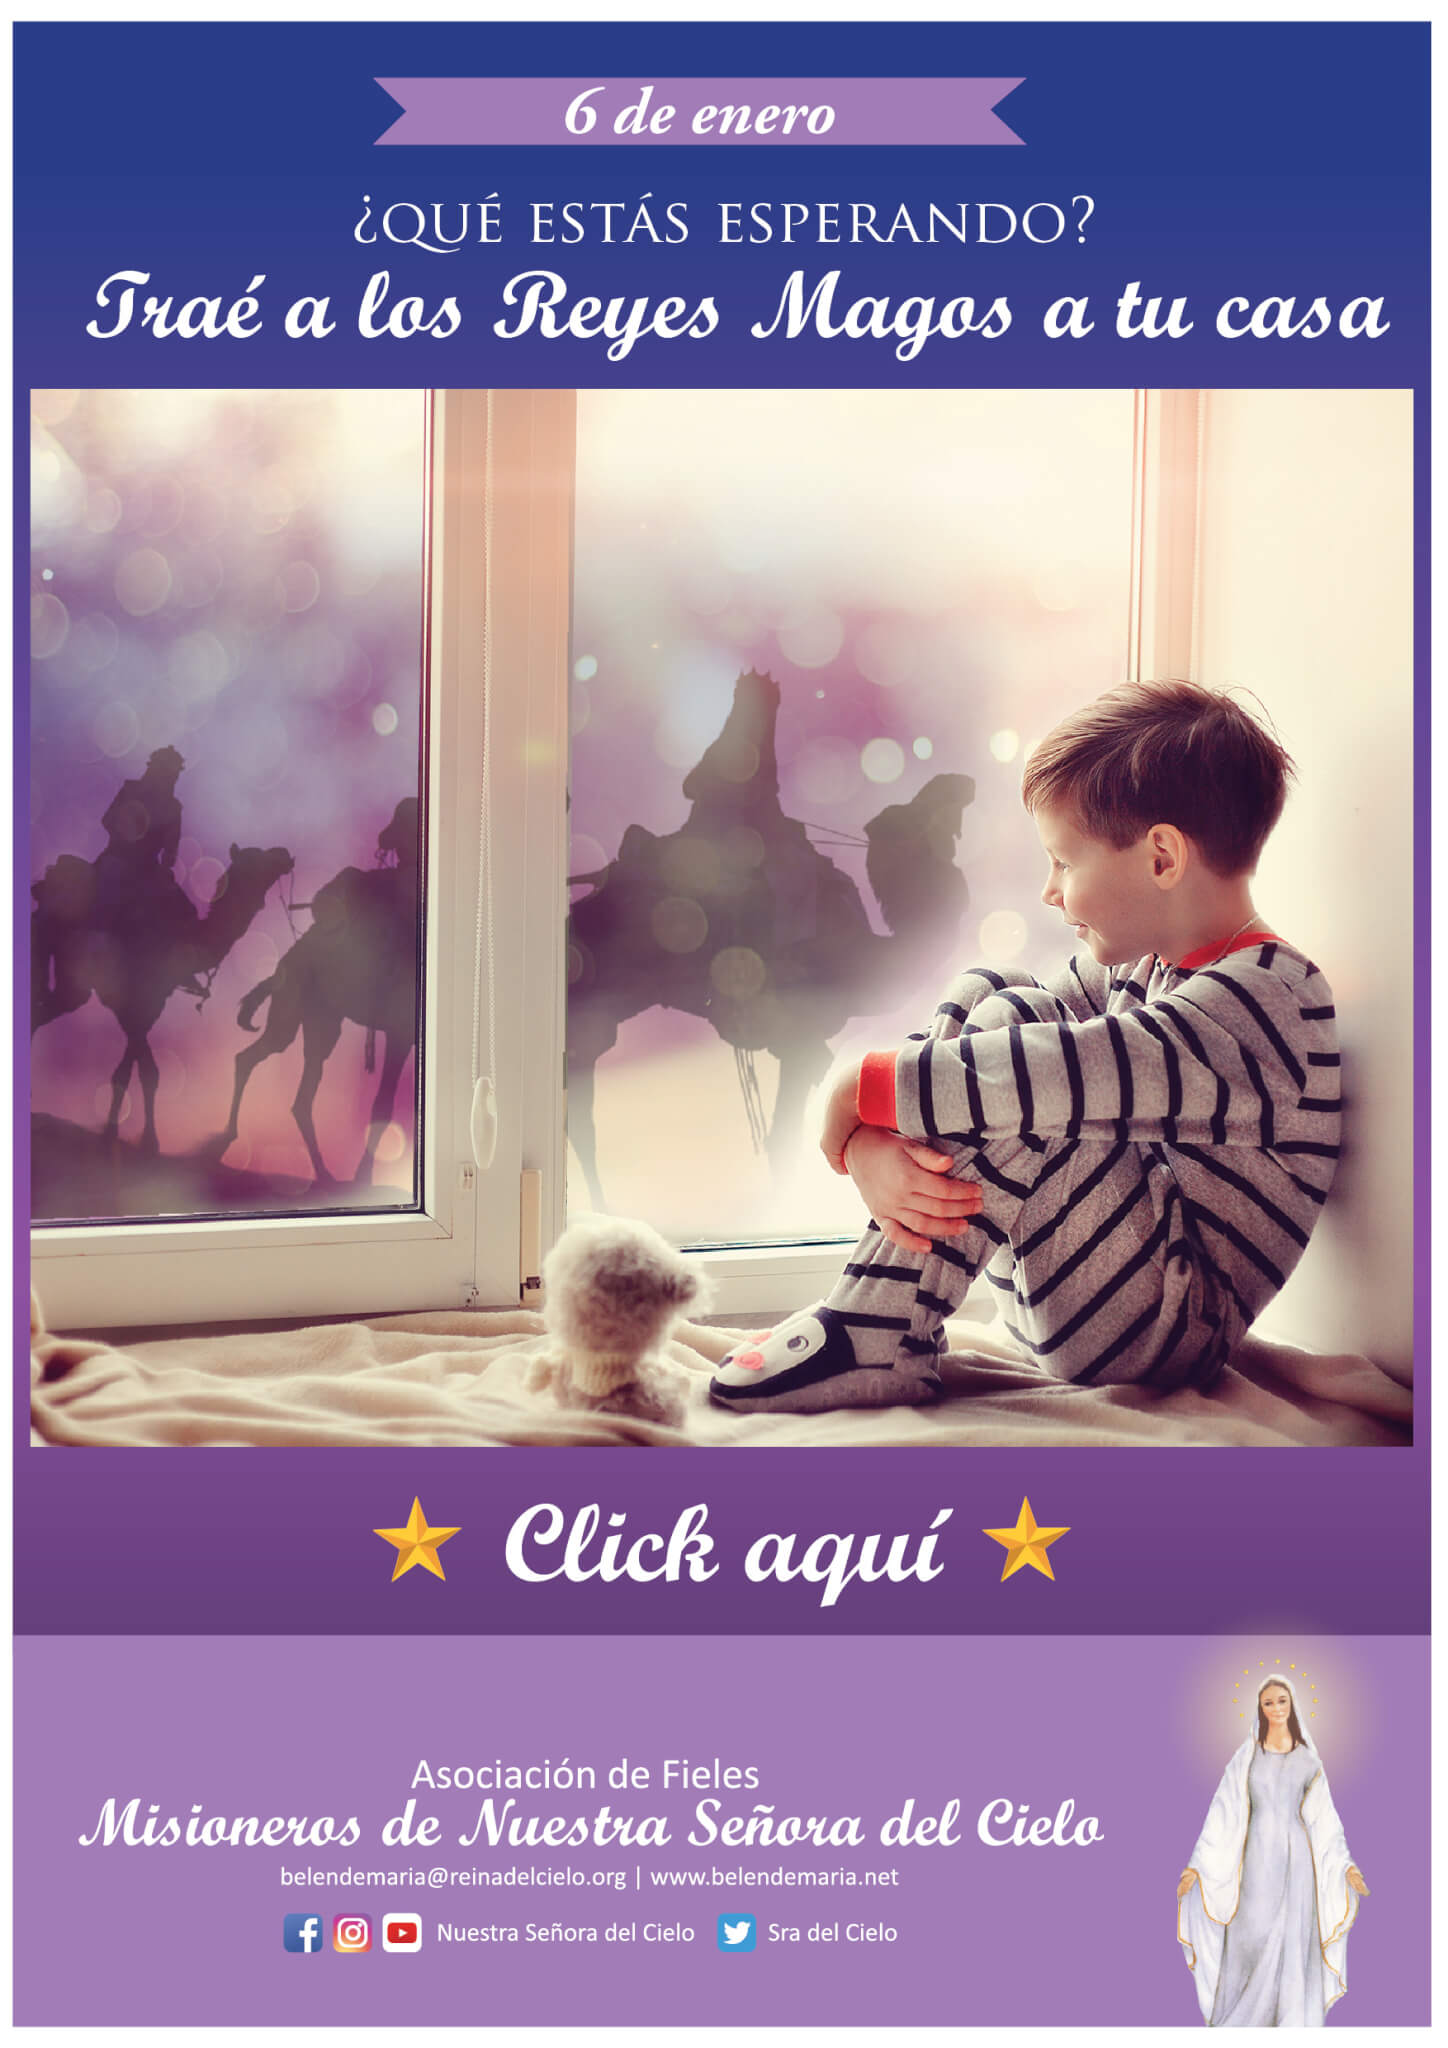 Trae a los Reyes Magos a tu casa